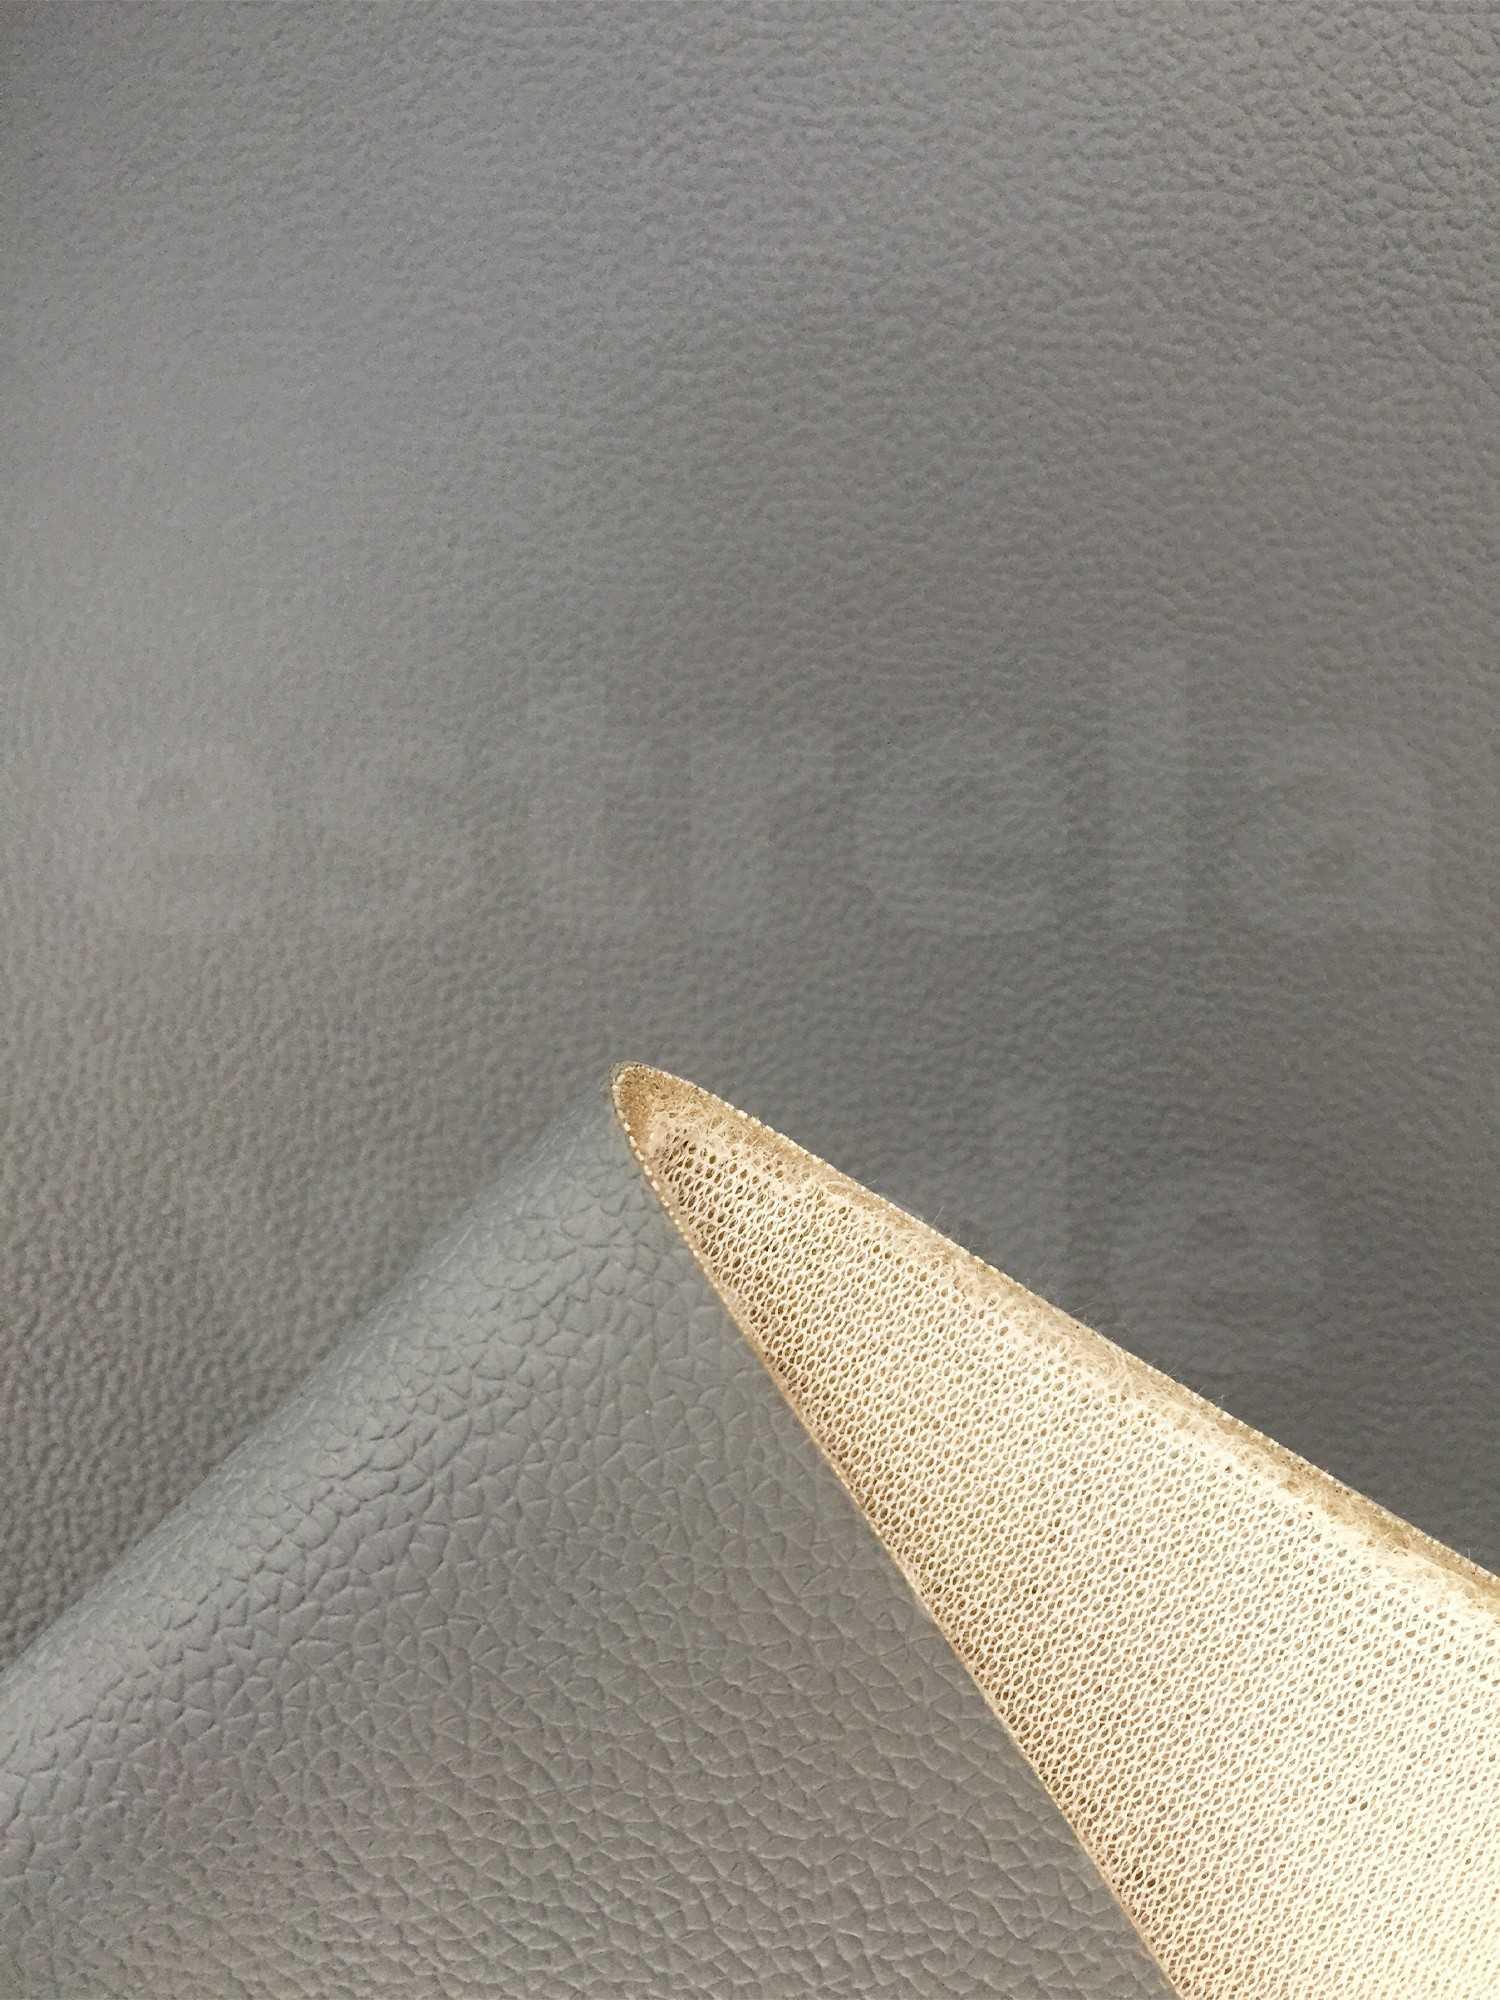 COURVIN AUTO 1.0 URUGUAI CINZA R82 ACOPLADO  - Estrela Verde